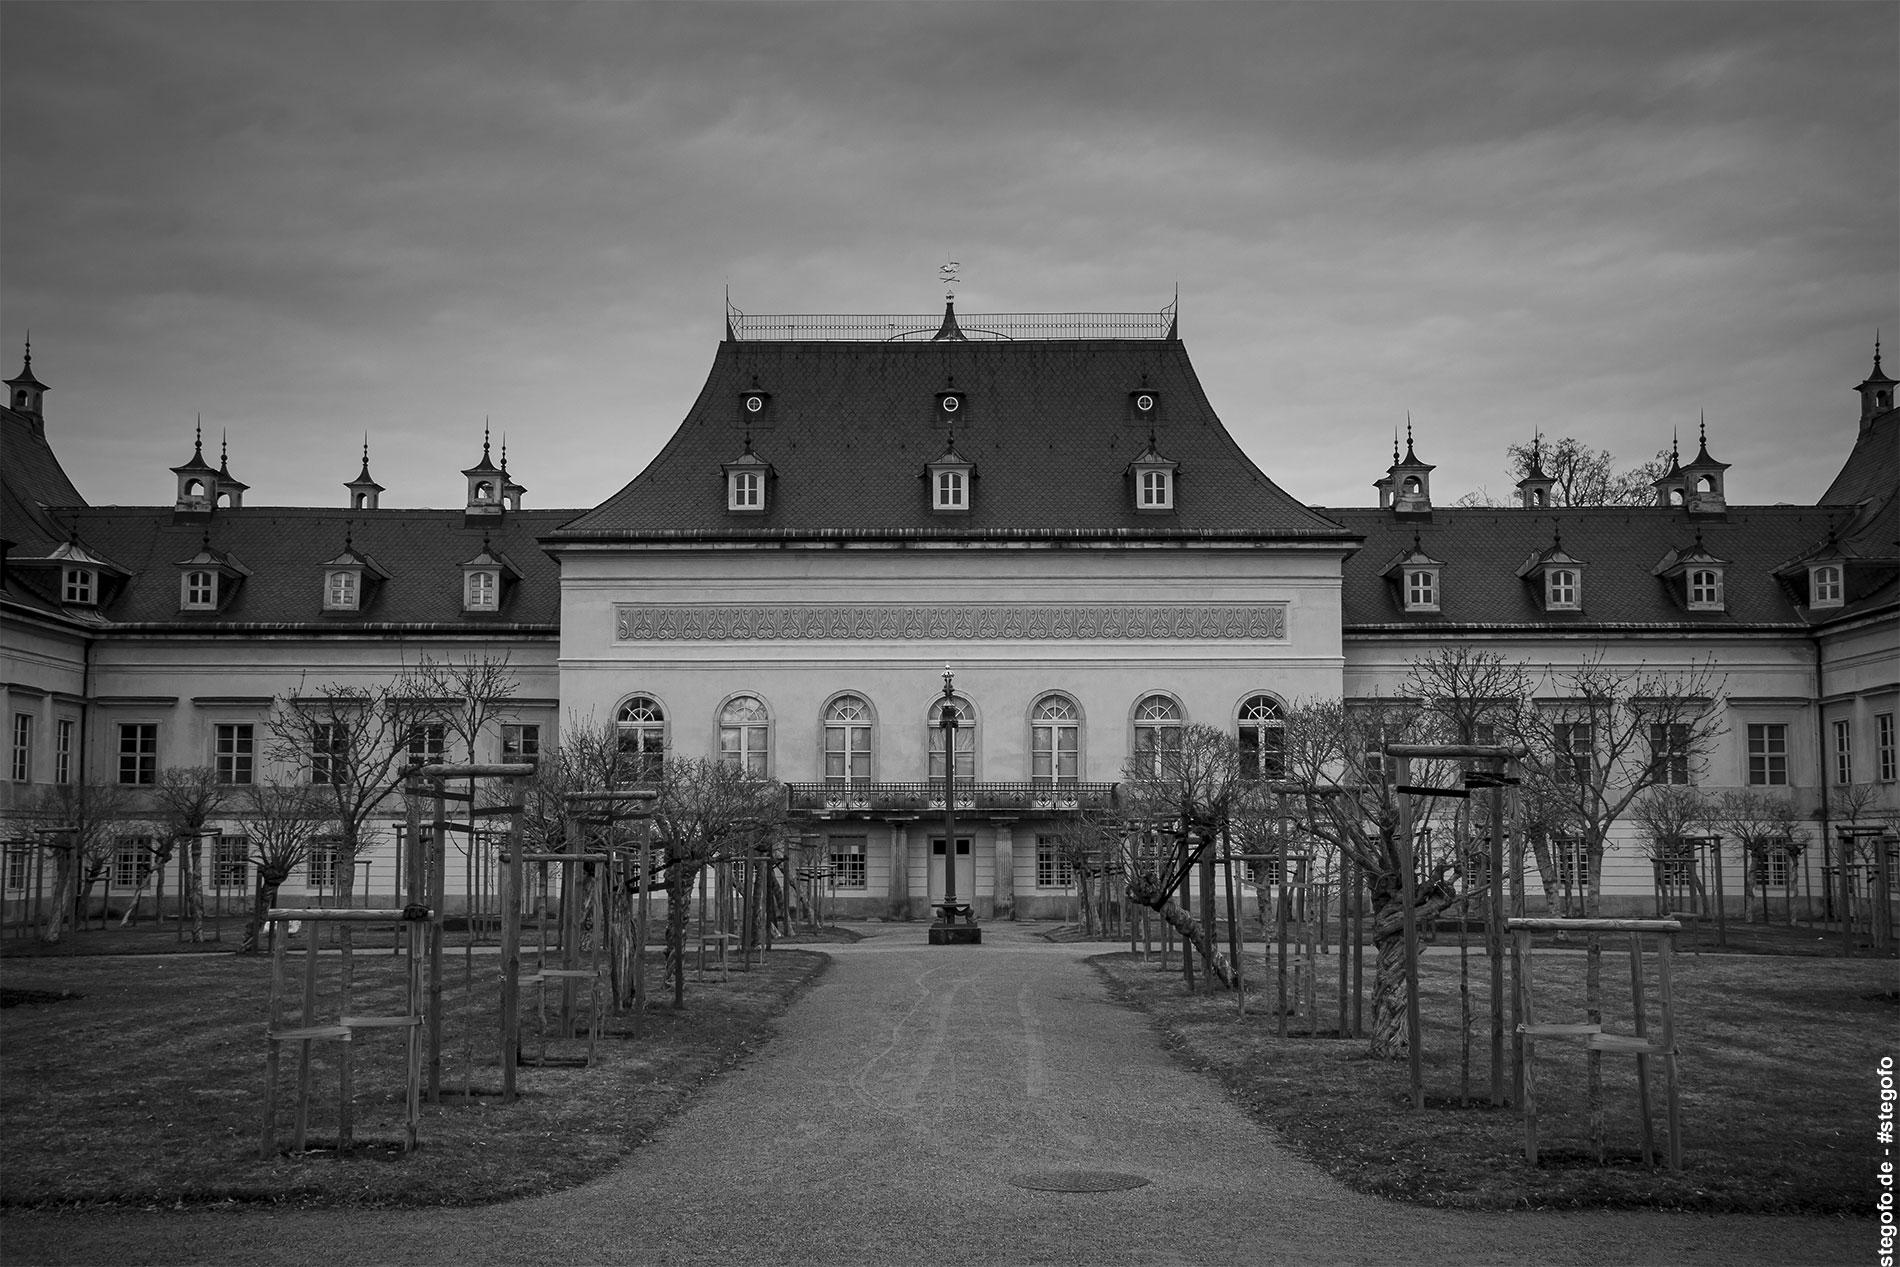 Das Schloß Pillnitz